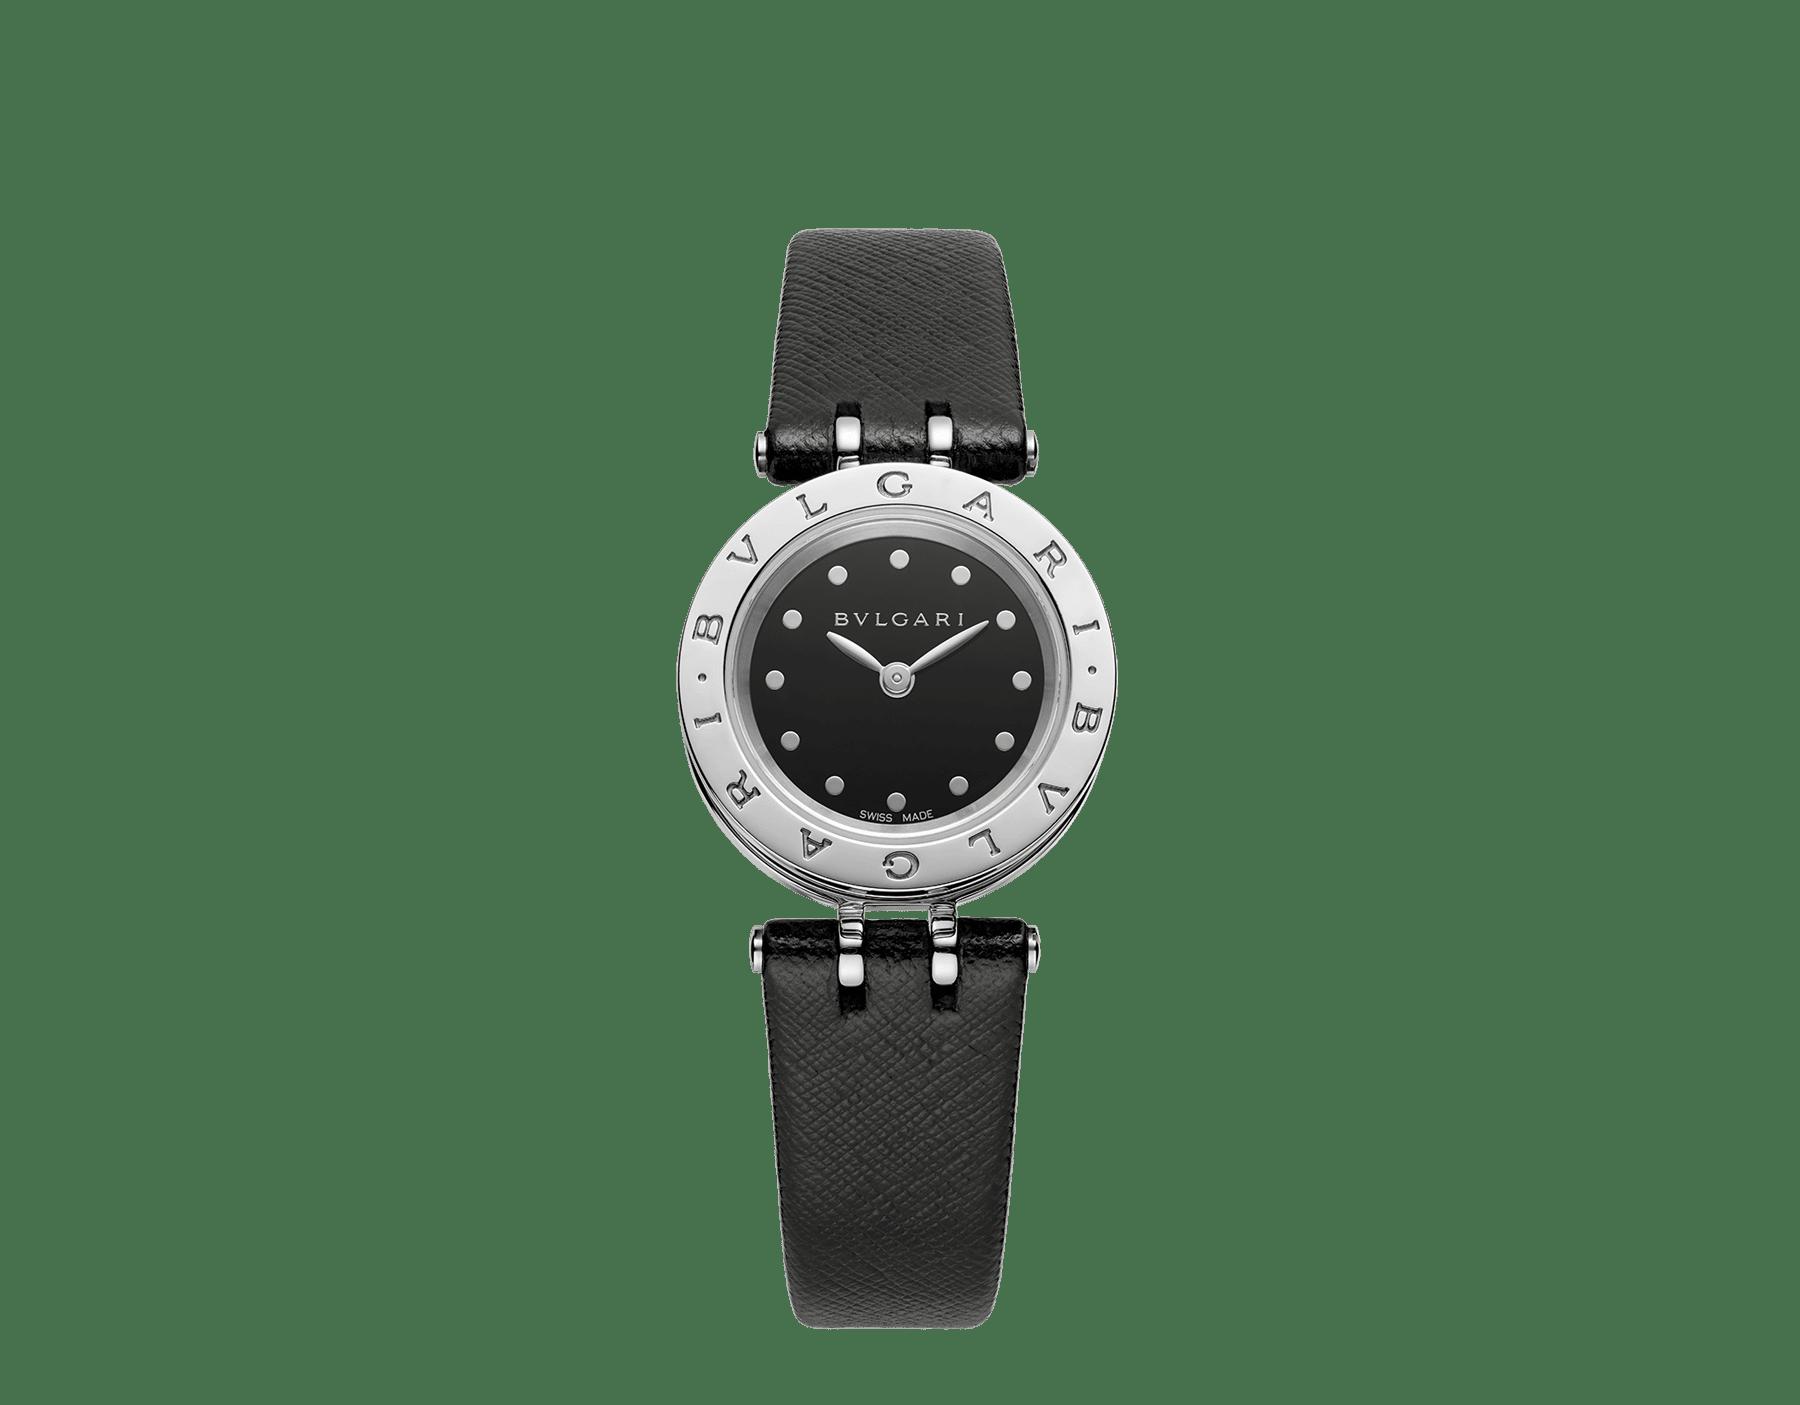 Orologio B.zero1 con cassa in acciaio inossidabile, spirale in ceramica nera quadrante laccato nero e cinturino in pelle nera. 102179 image 1